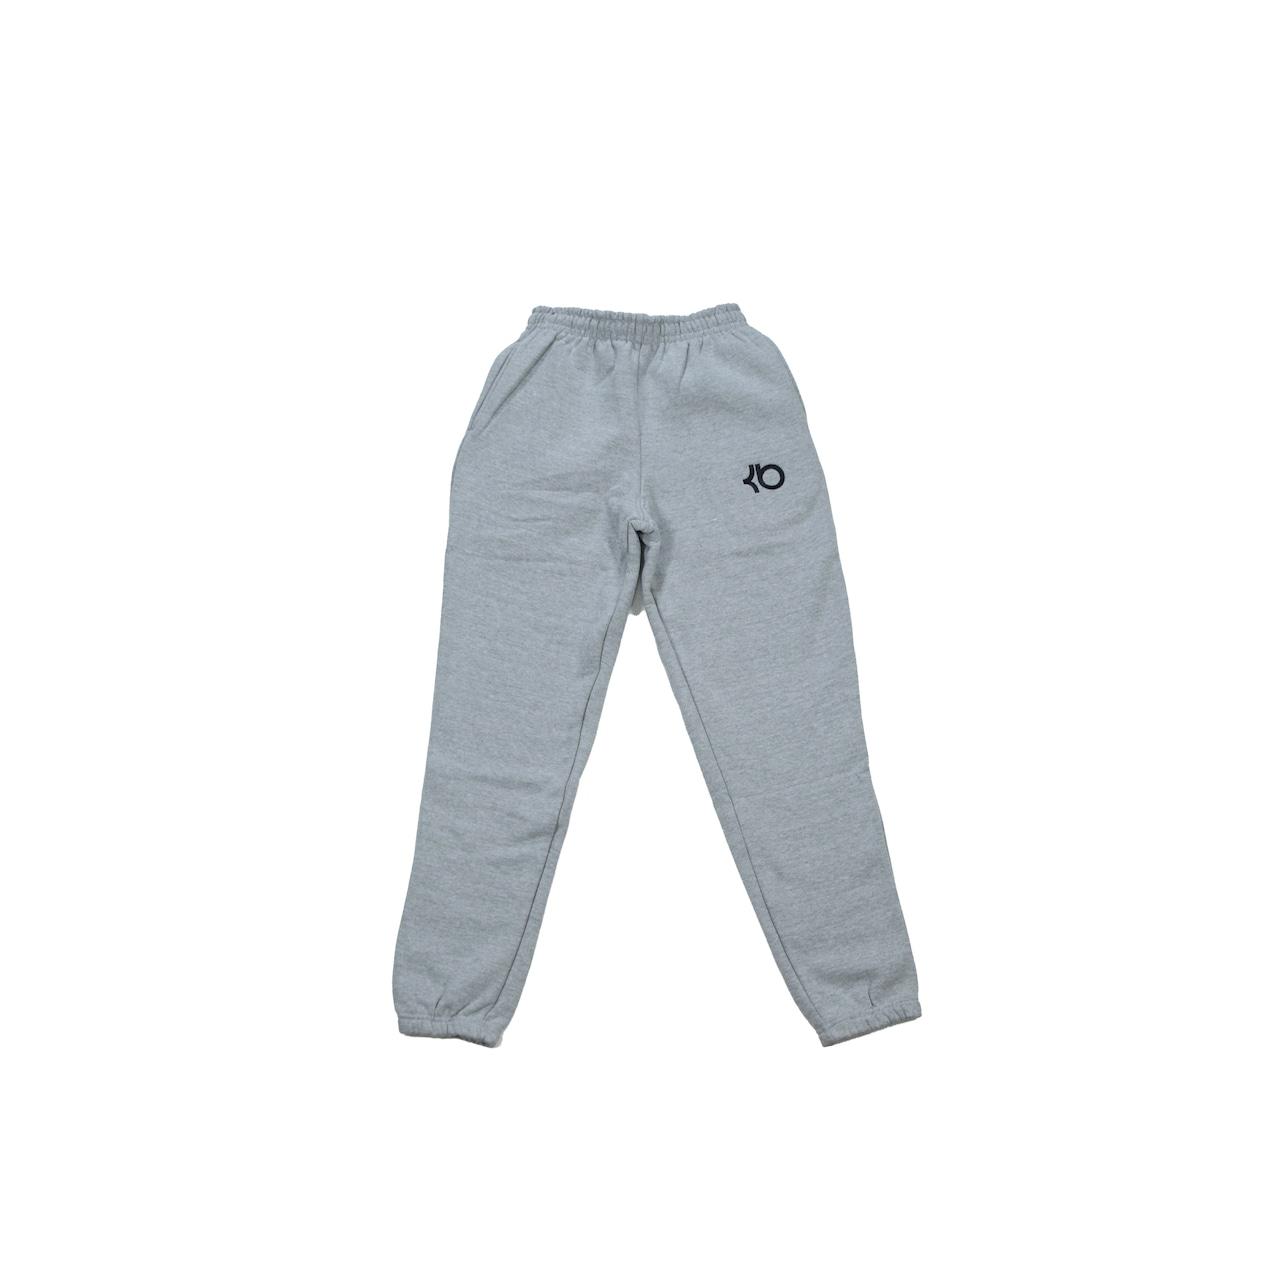 KB. HEAVYWEIGHT SWEAT PANTS [GRAY]